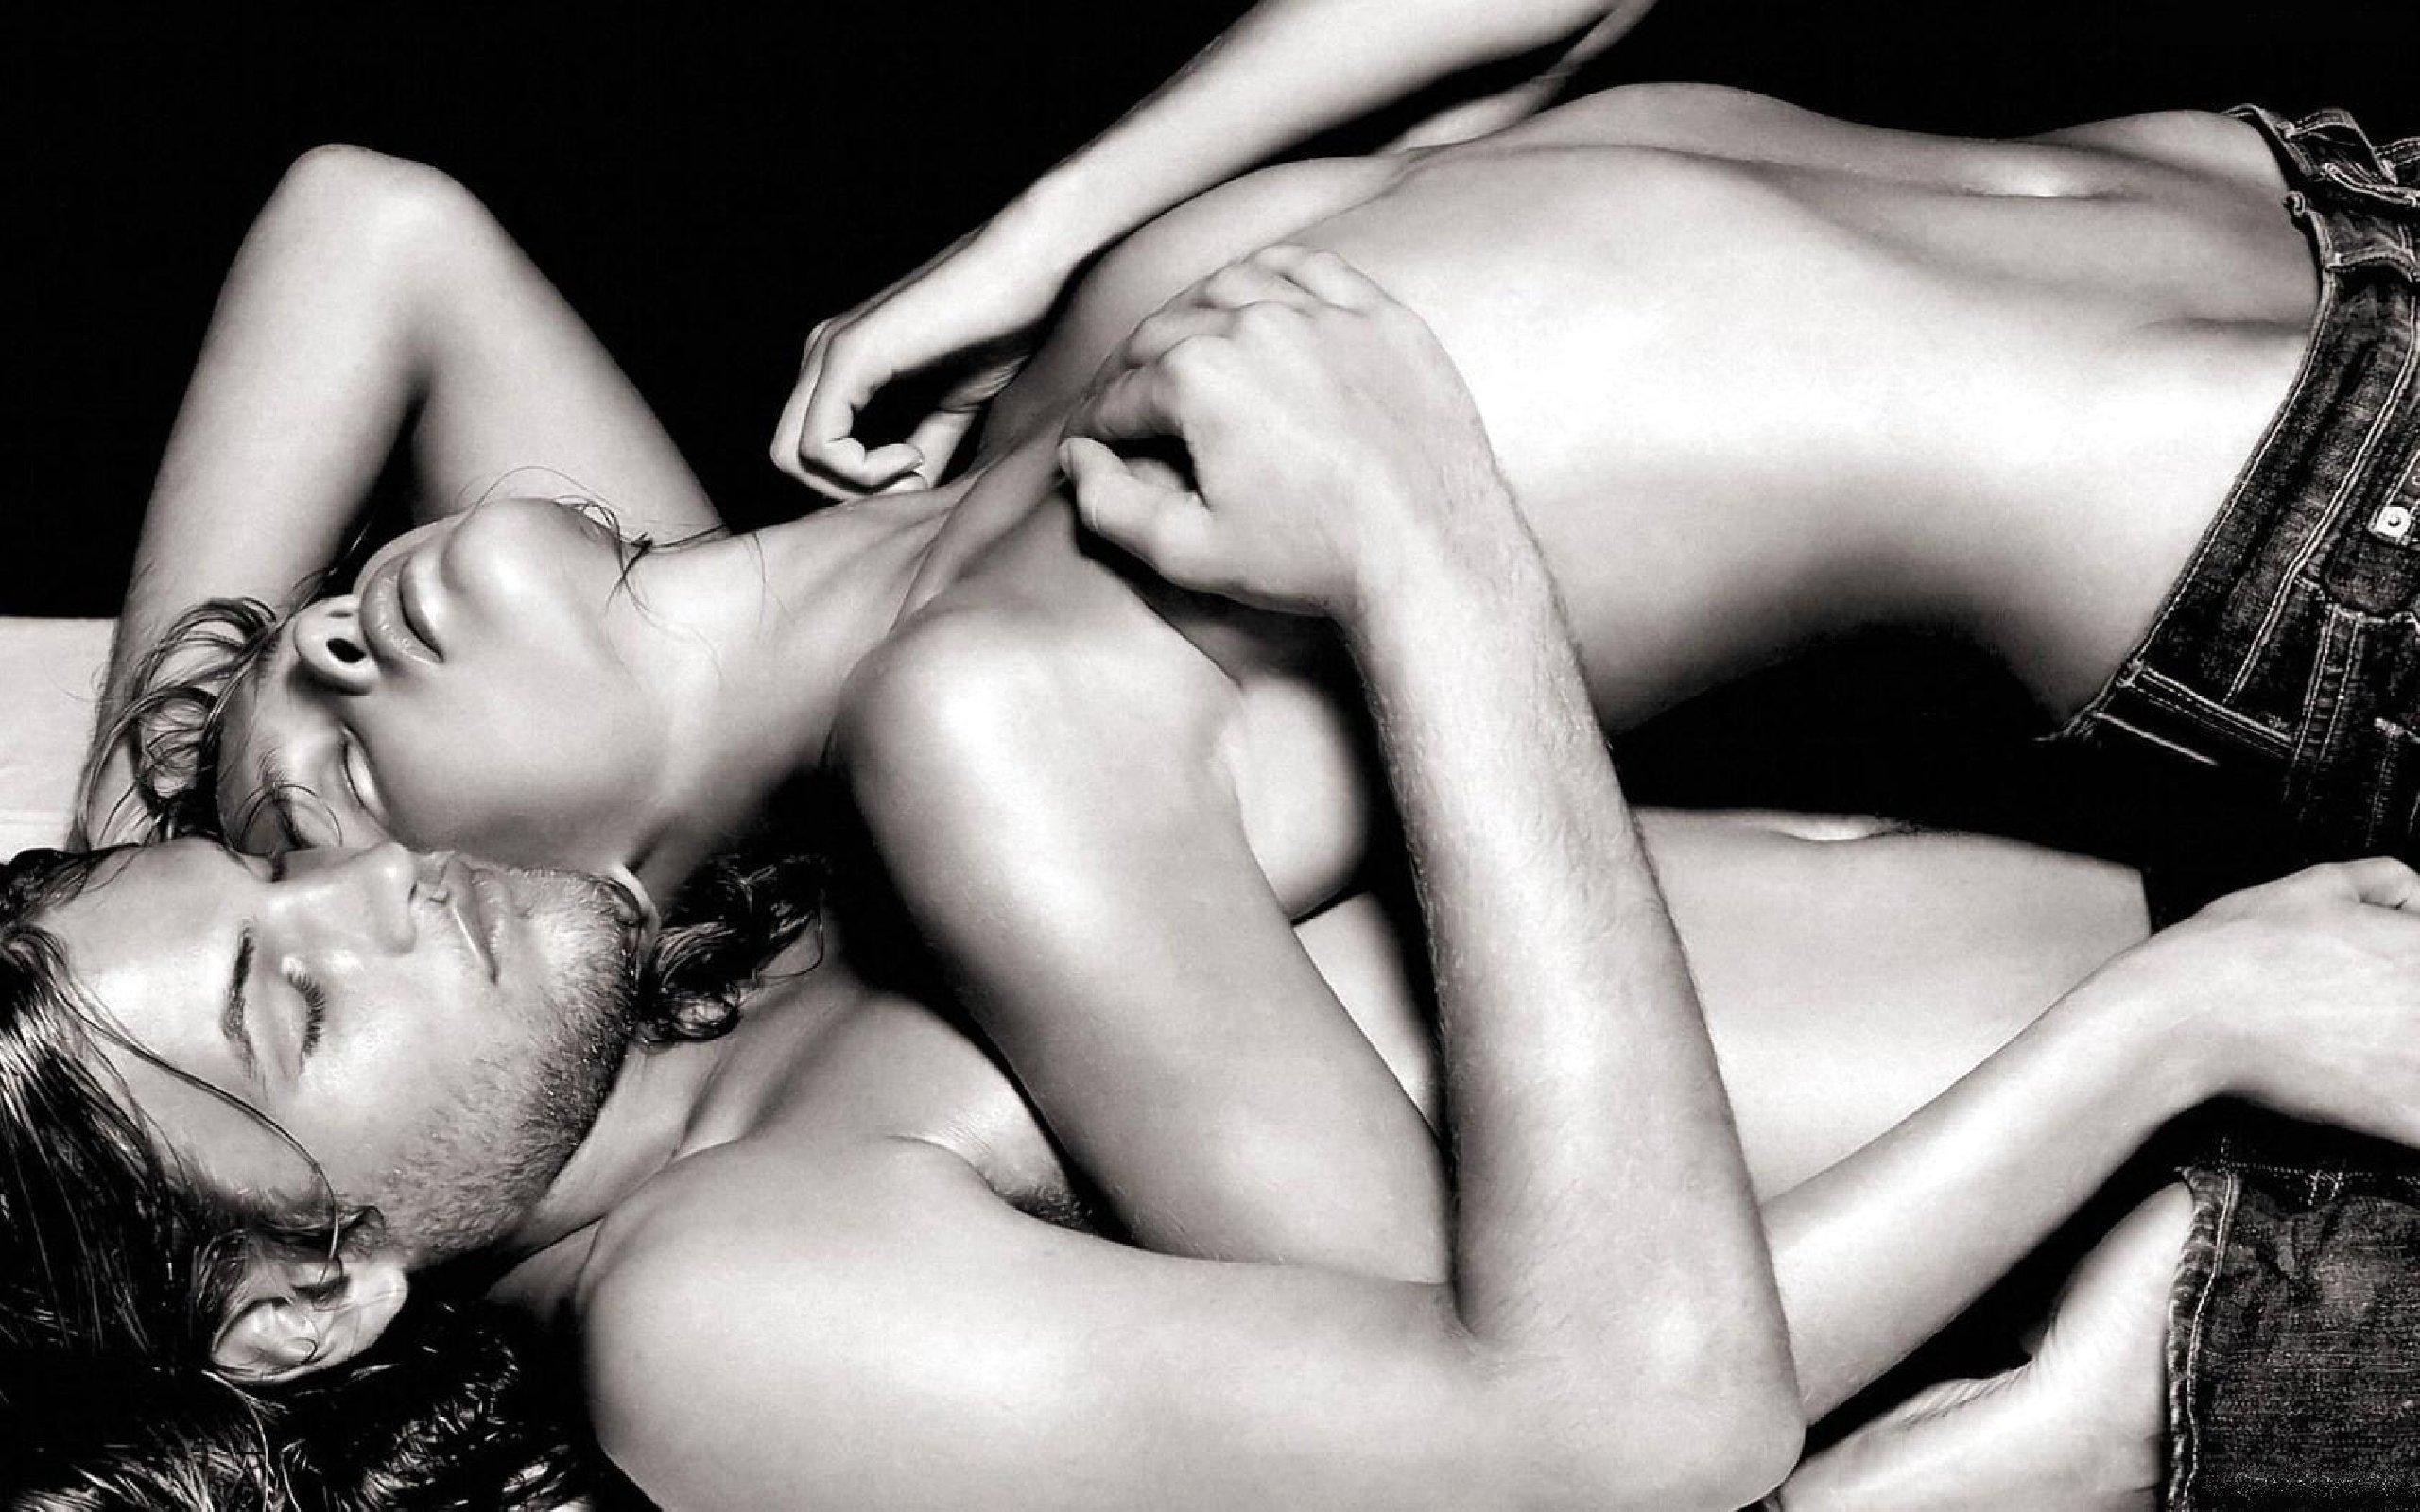 Фото приколы сексуального характера 15 фотография